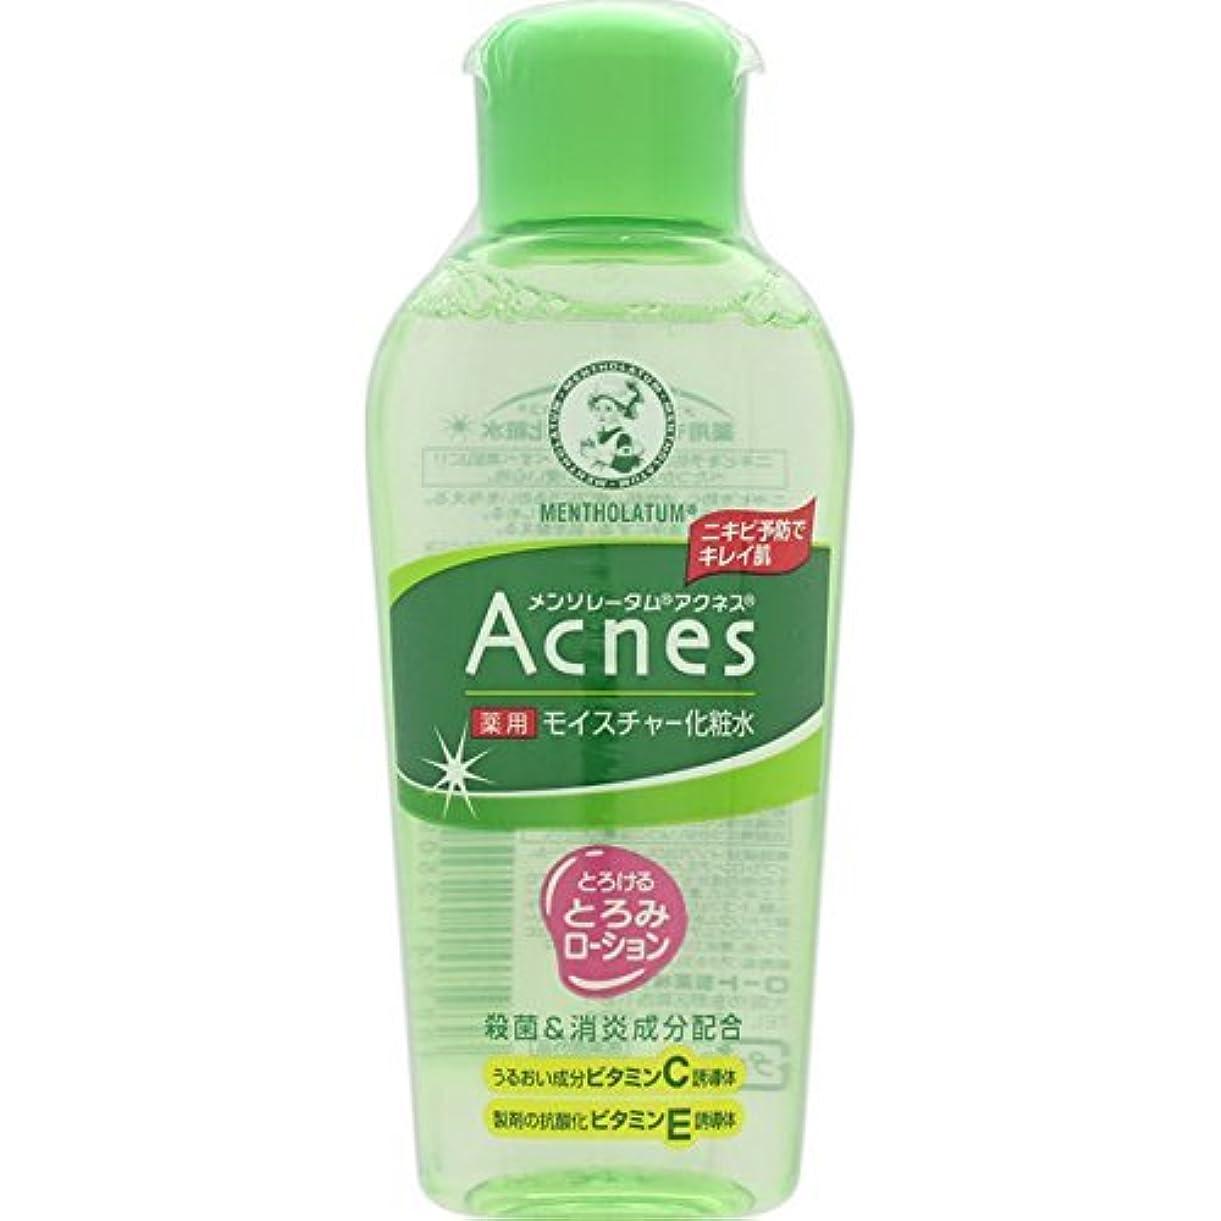 シェア満たすパッチAcnes(アクネス) 薬用モイスチャー化粧水 120mL【医薬部外品】